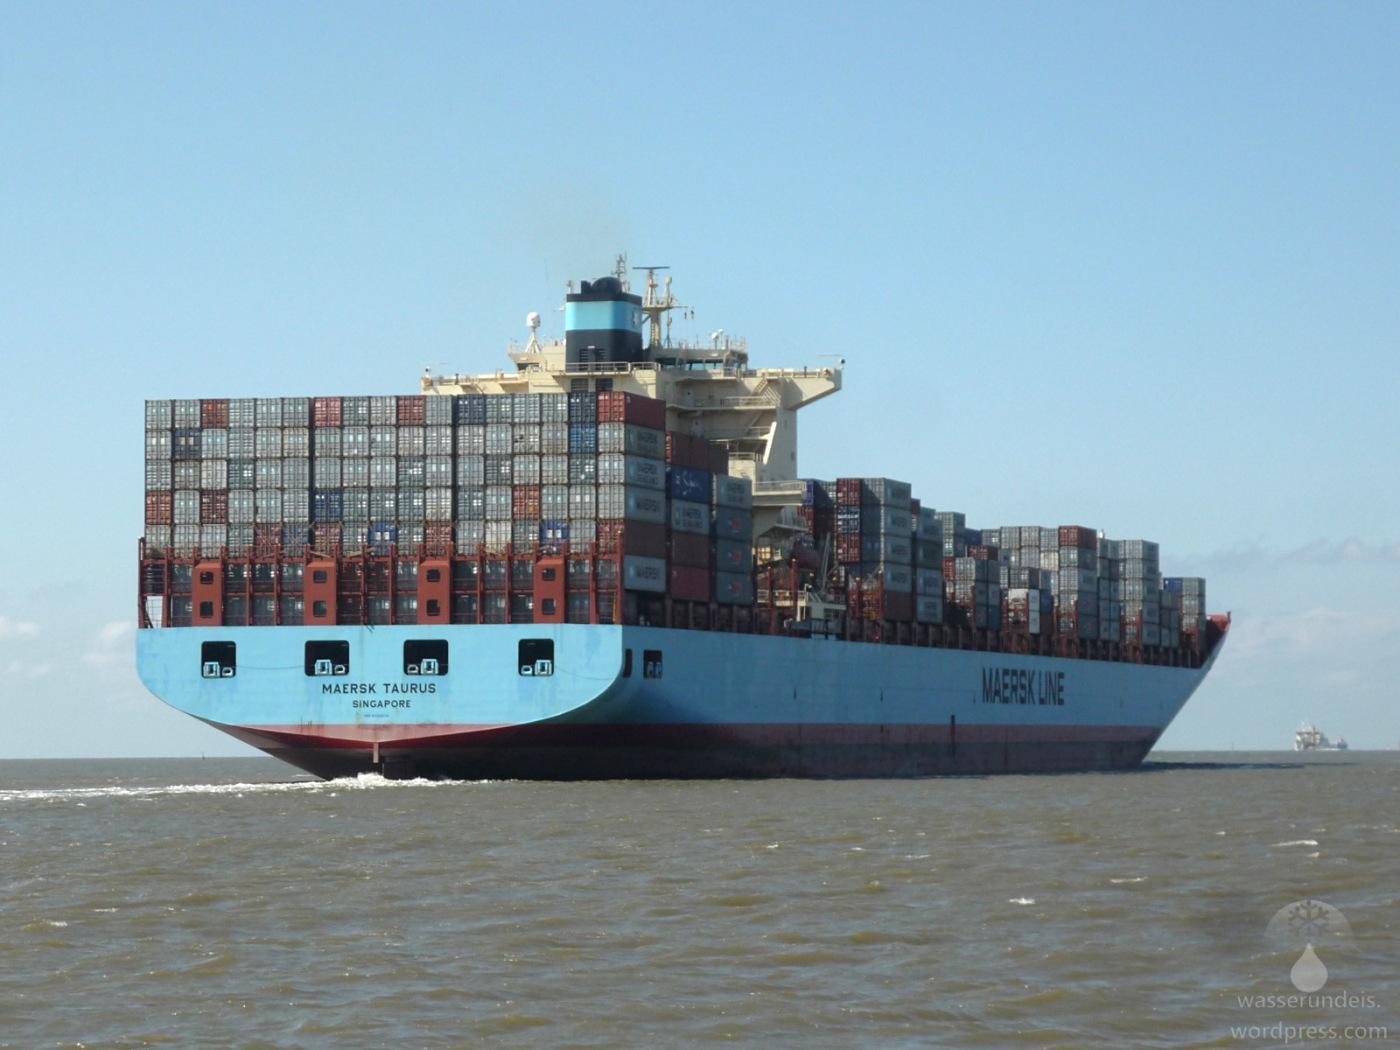 Containerschiff Maersk Taurus auf der Außenweser bei Bremerhaven.